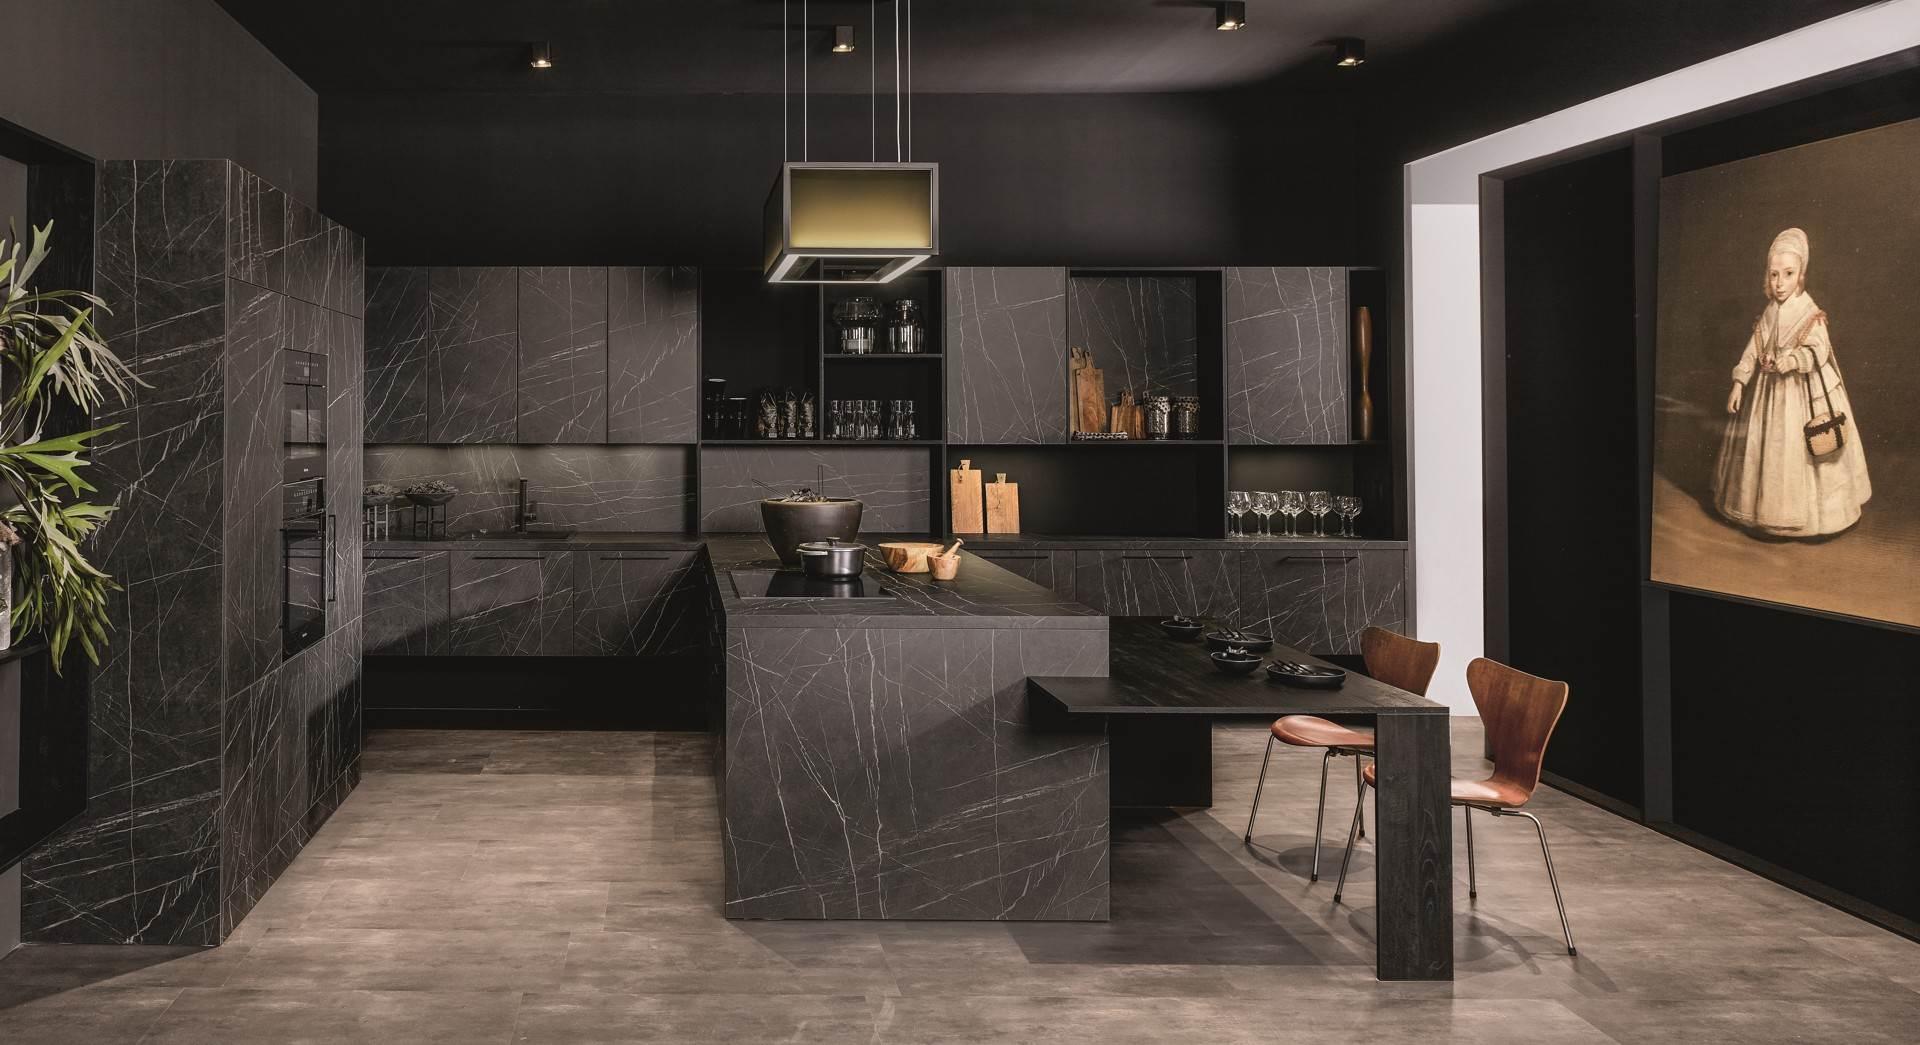 KH Küche mit schwarzen Marmorfronten - Küchentrends 2021